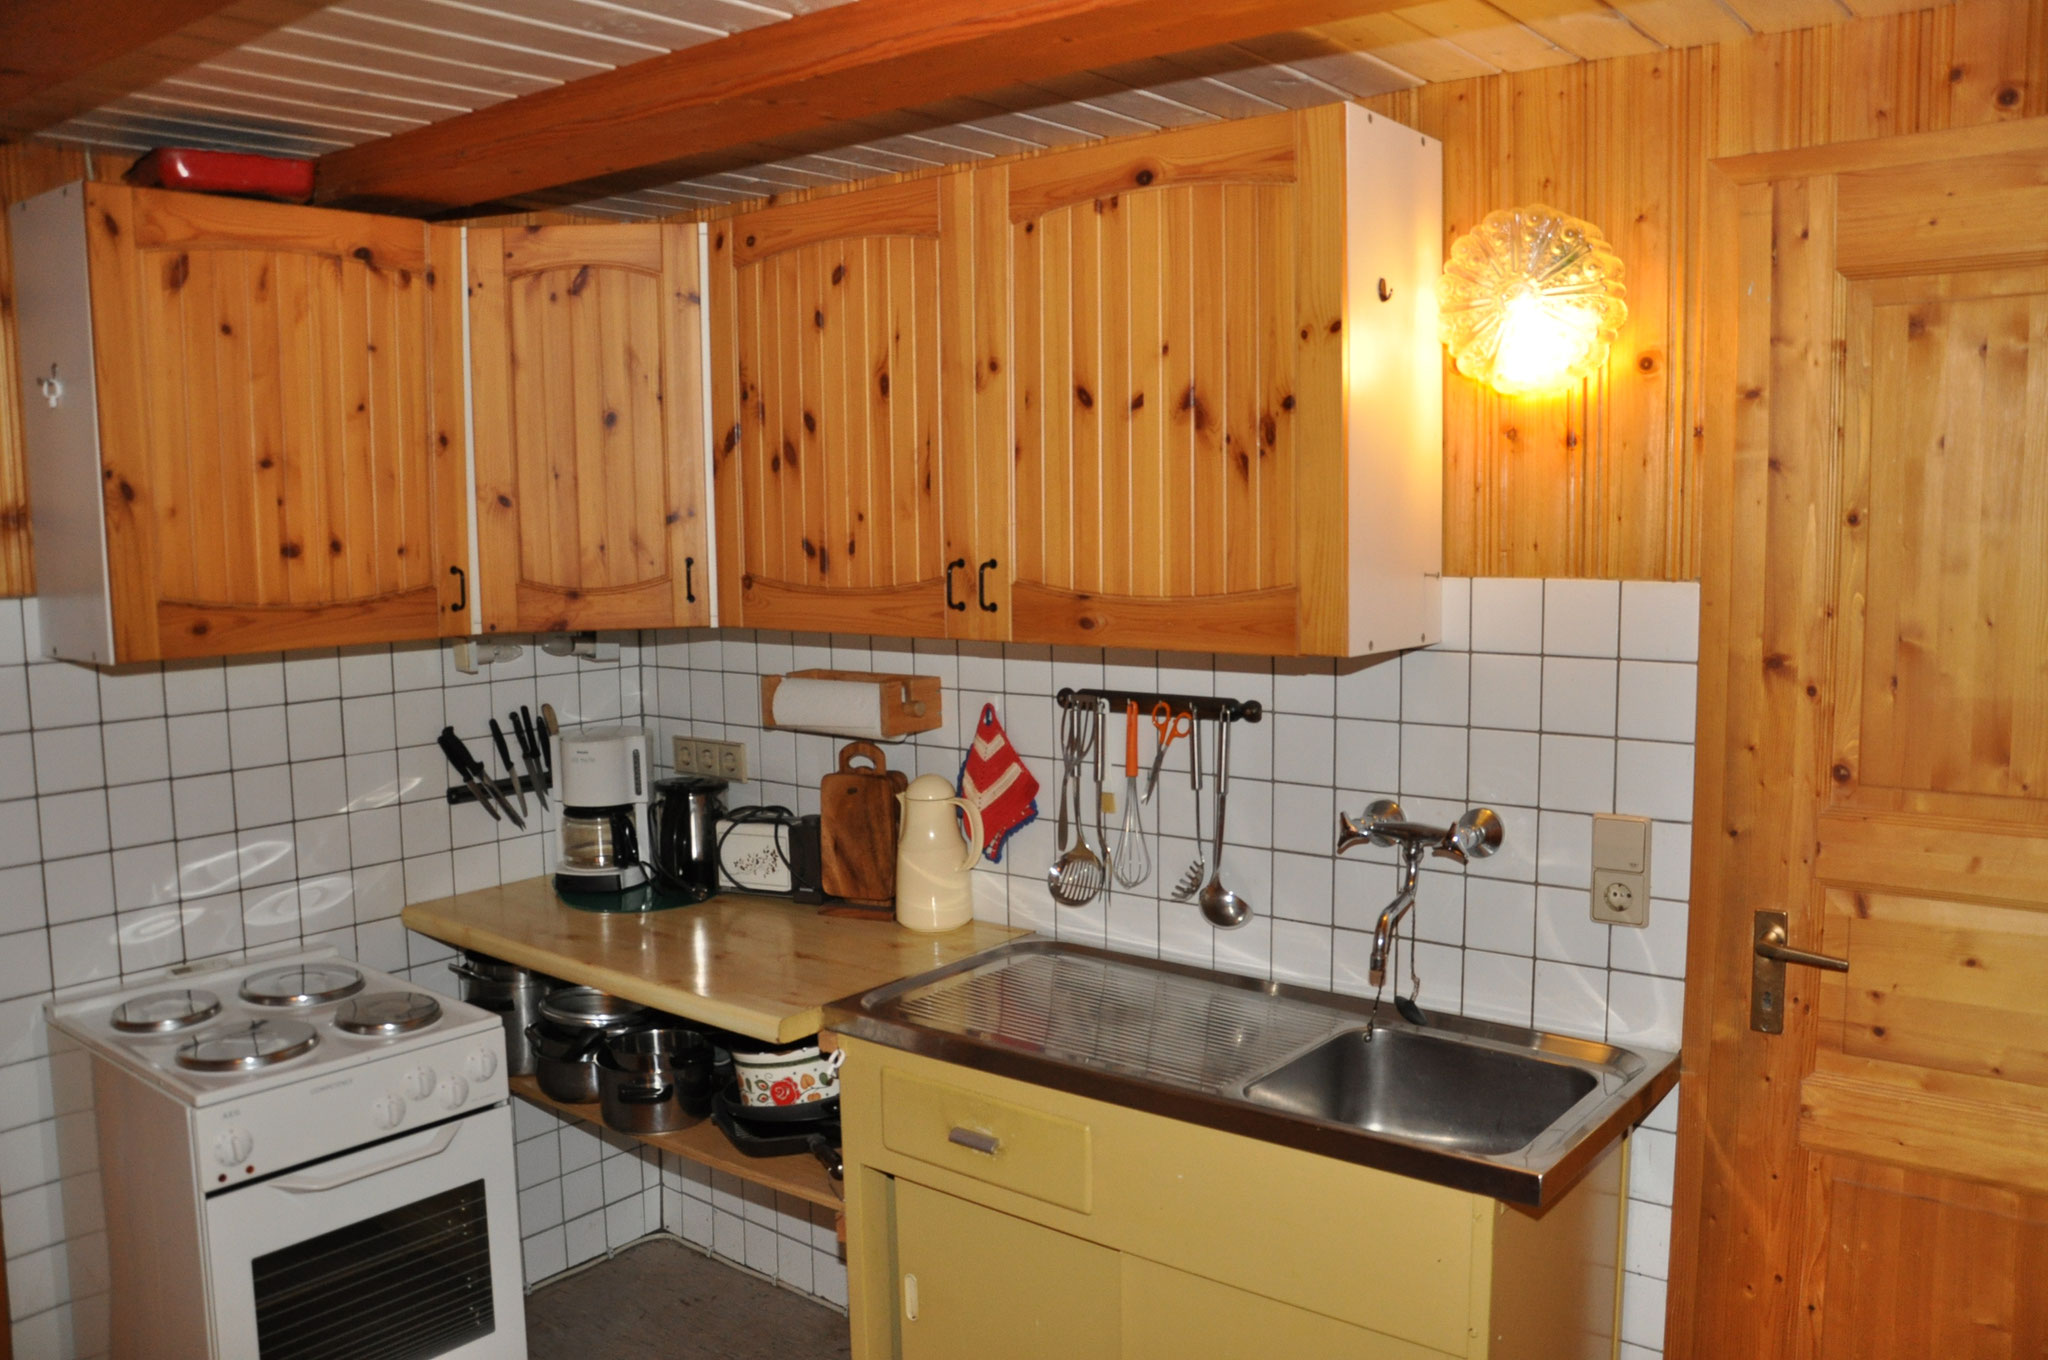 Küchenbereich mit Spüle und Herd